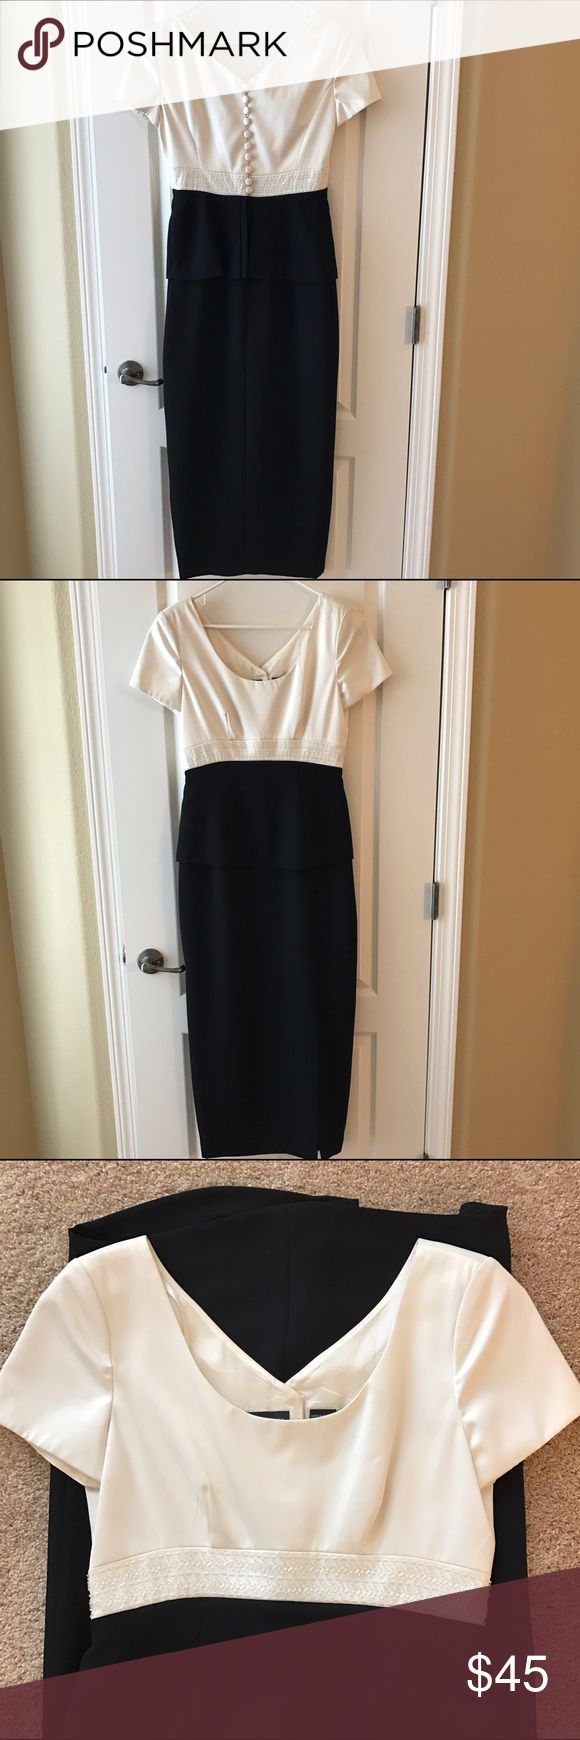 Liz Claiborne Evening Dress Liz Claiborne Evening Dress. Size 6, small spots on top, one back button is loose. Liz Claiborne Dresses